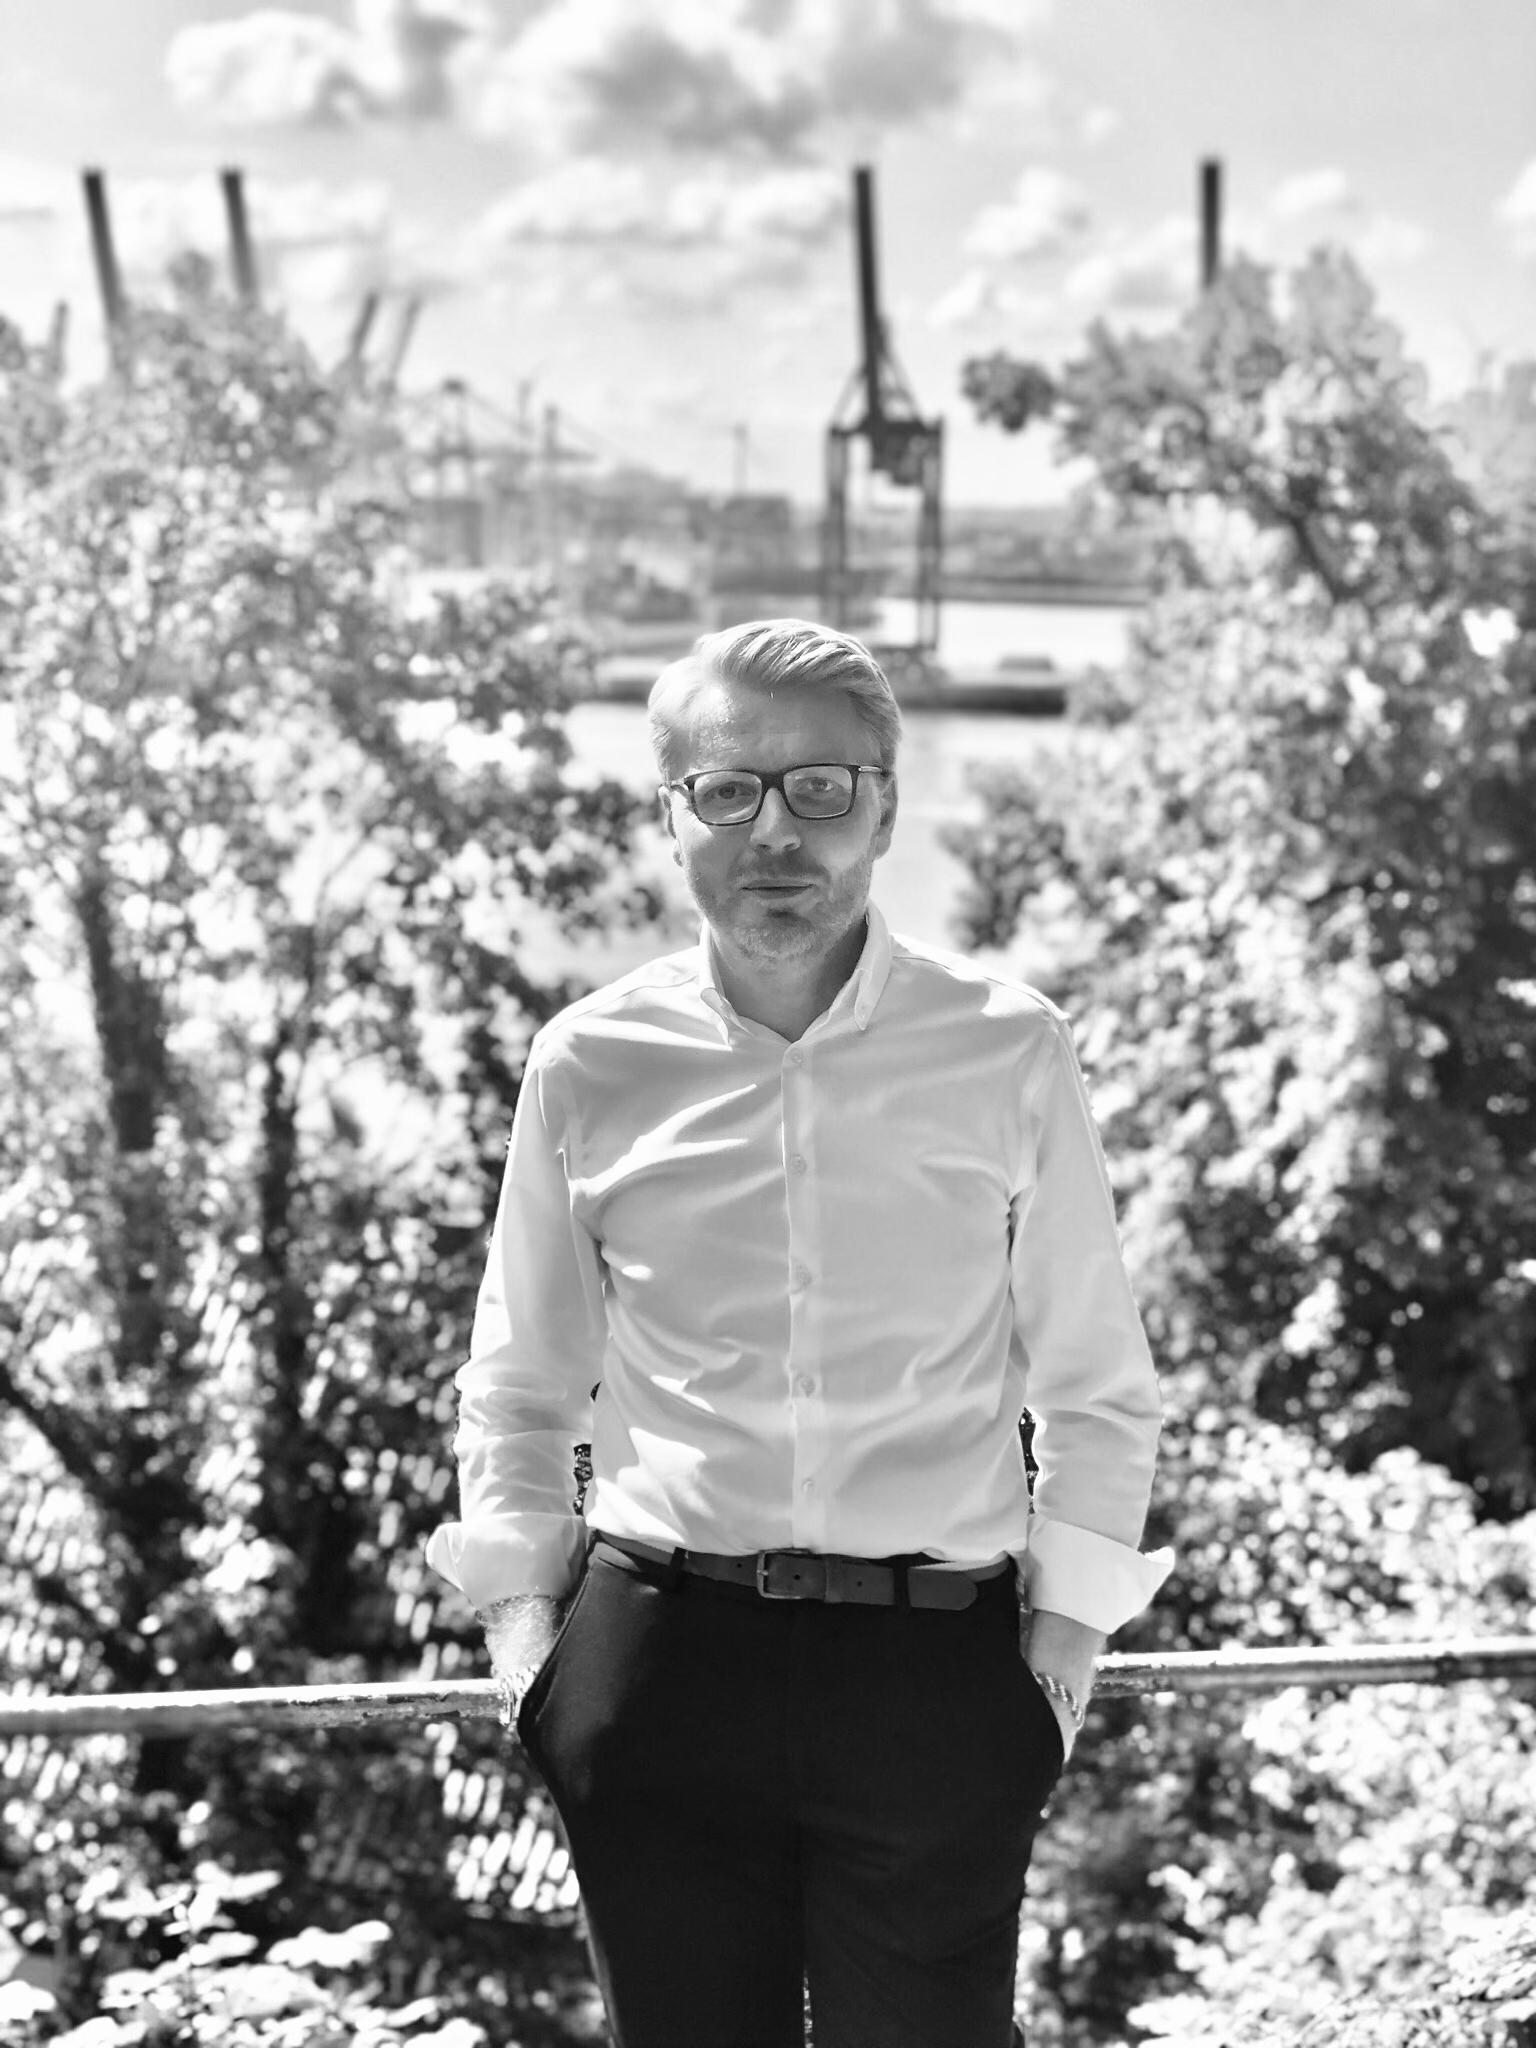 Dr. Gernot Rüdiger Engel